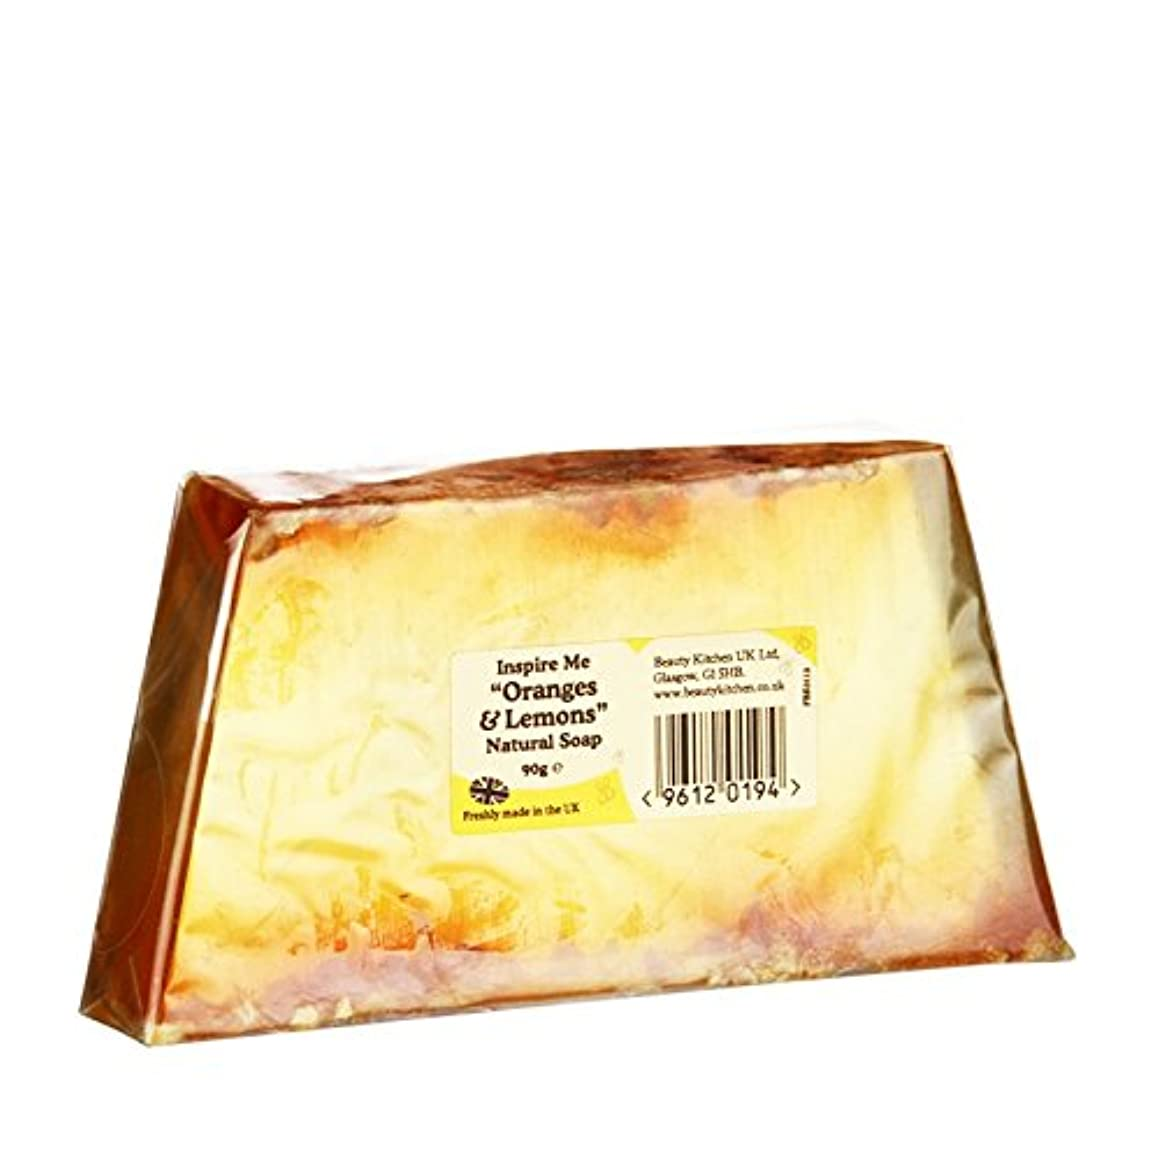 絶えず自殺断片Beauty Kitchen Inspire Me Orange & Lemon Natural Soap 90g (Pack of 6) - 美しさのキッチンは私がオレンジ&レモンの天然石鹸90グラム鼓舞します (x6...